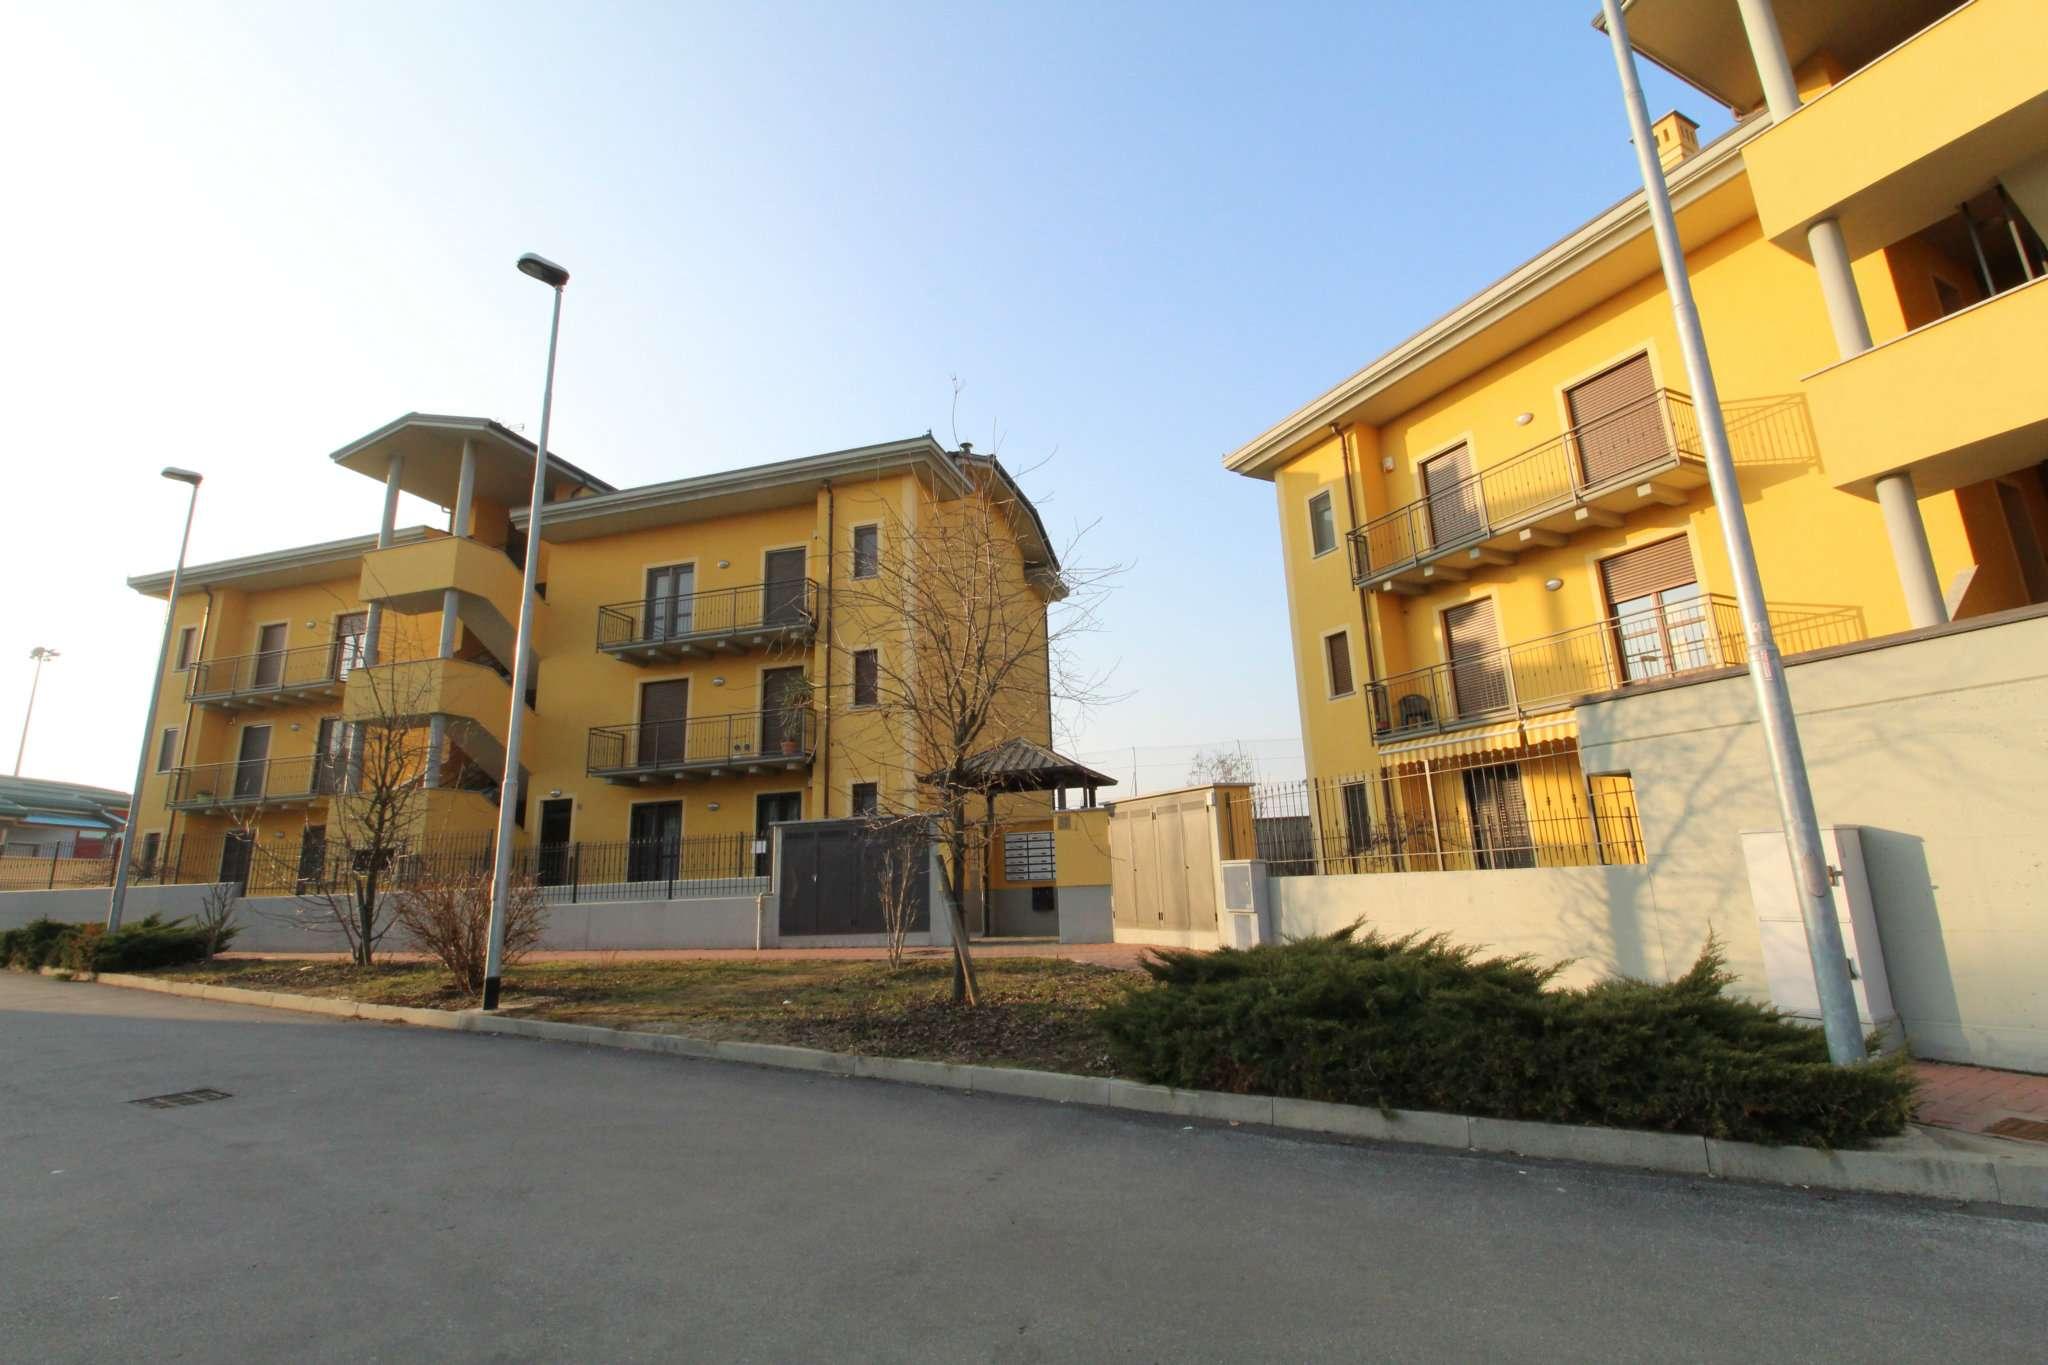 Appartamento in vendita a Candiolo, 2 locali, prezzo € 79.000 | CambioCasa.it